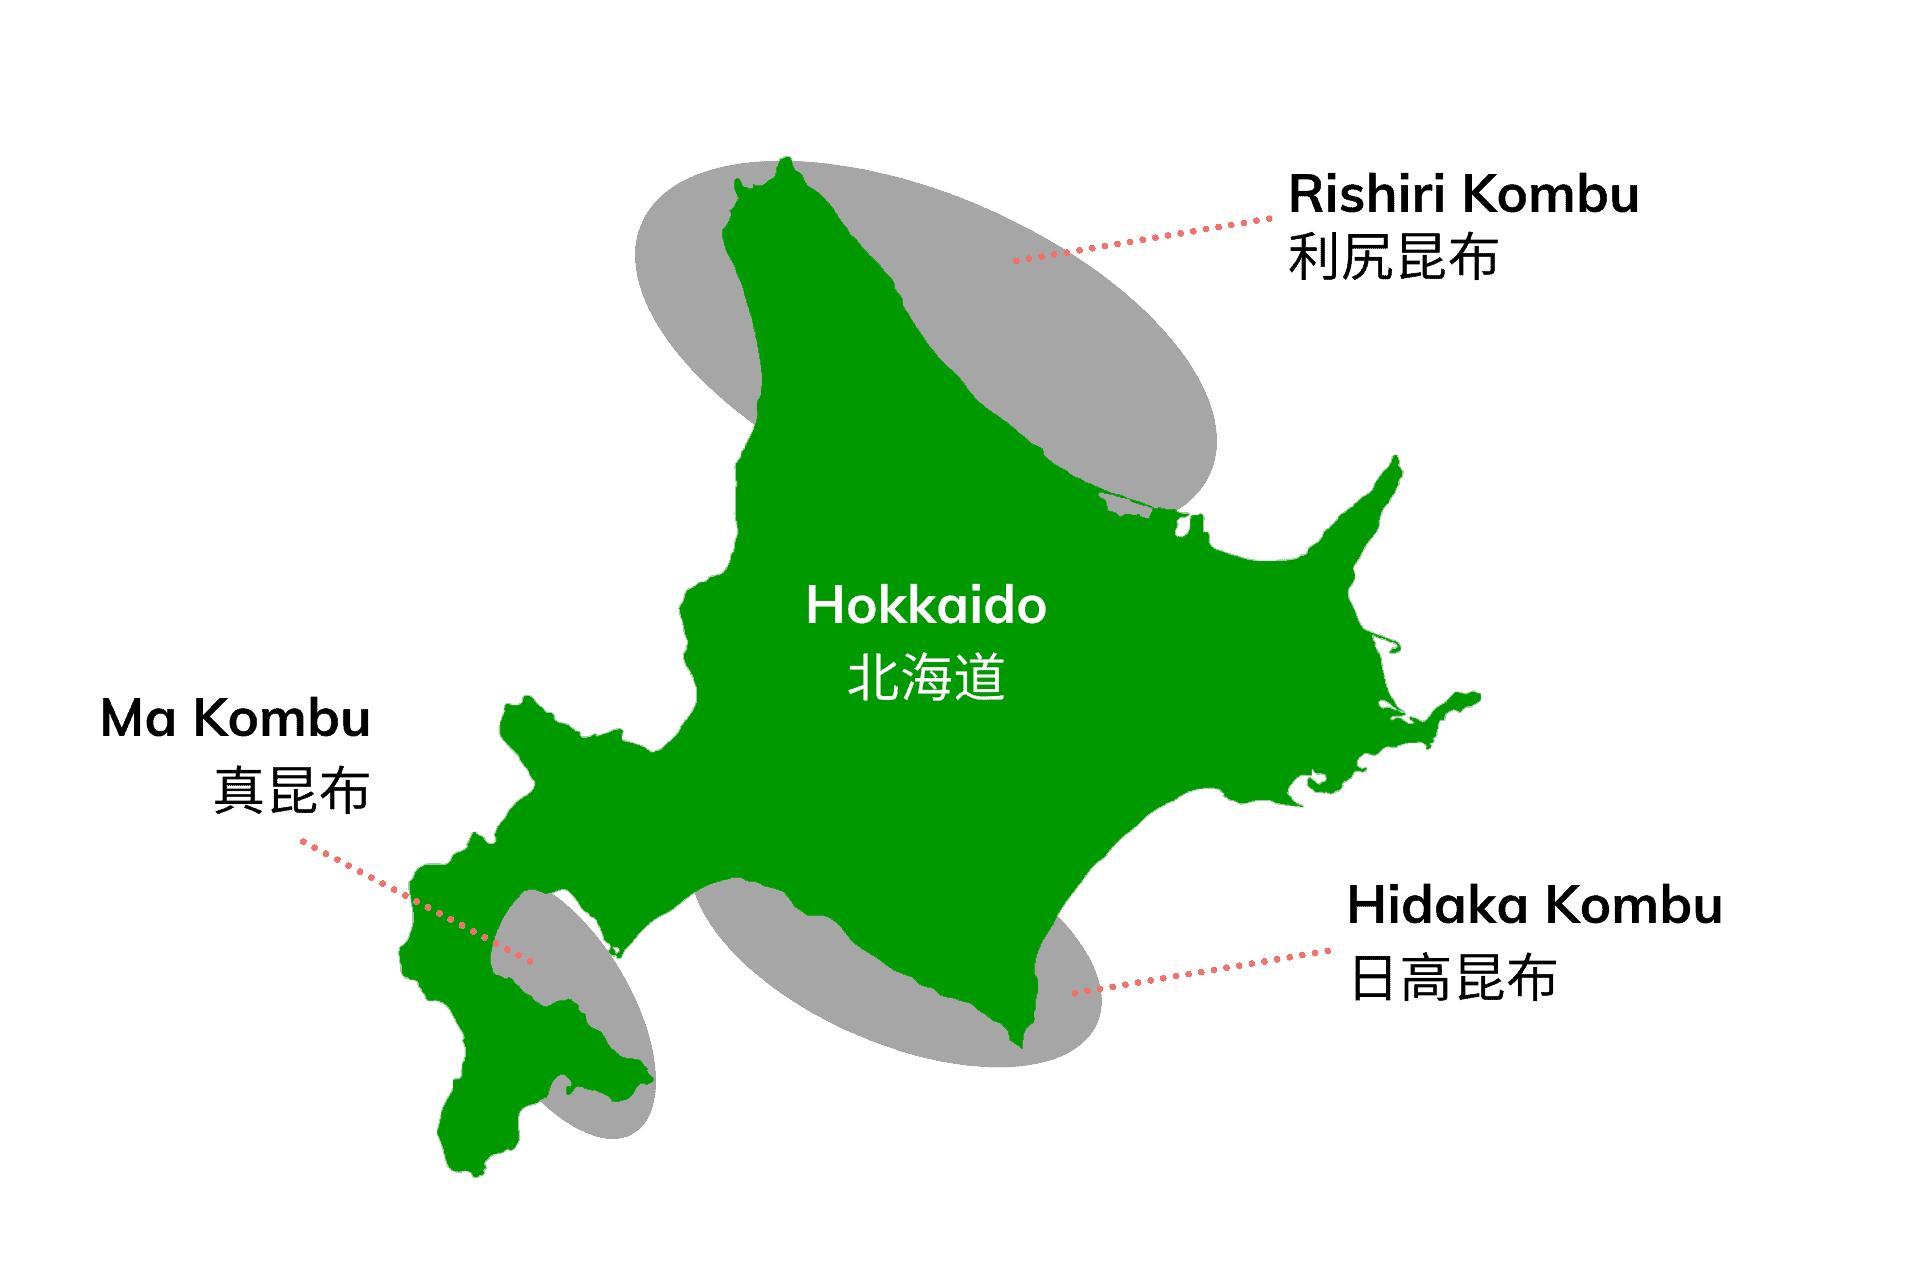 map of hokkaido showing area of kombu grow